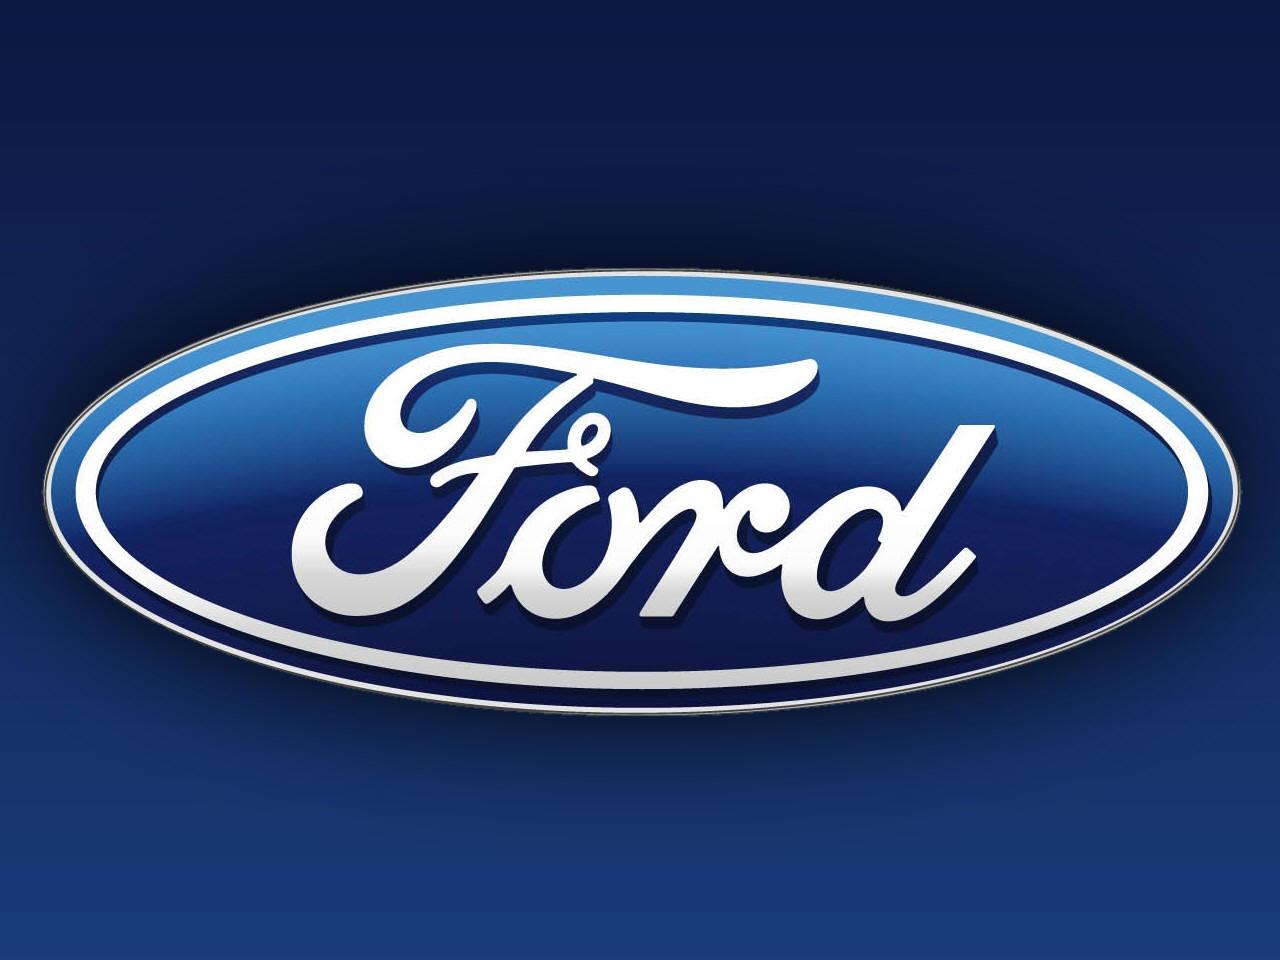 Coreflux em linha da Ford